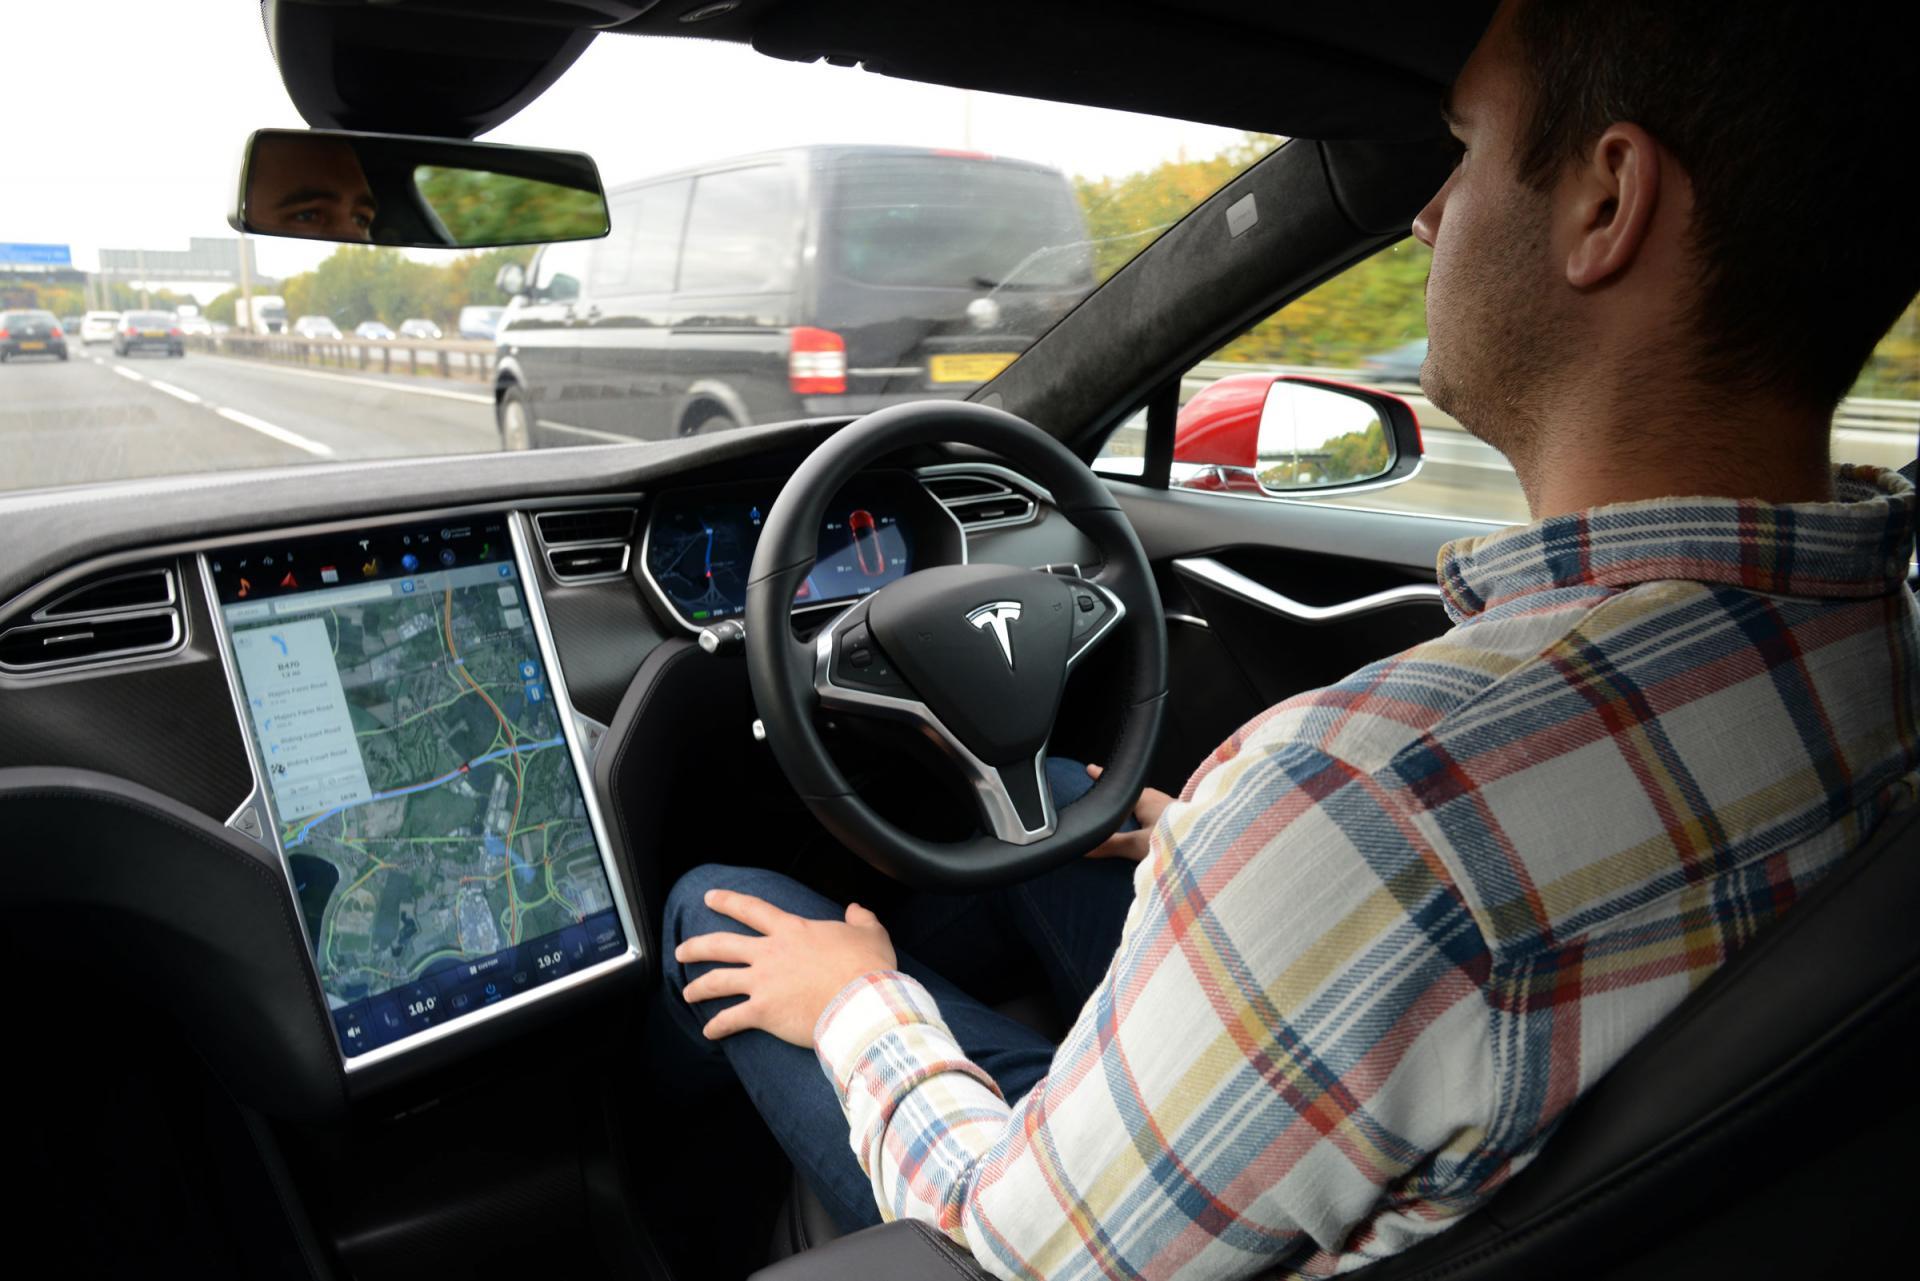 Исследование МТИ: Автопилот Tesla делает водителей невнимательными